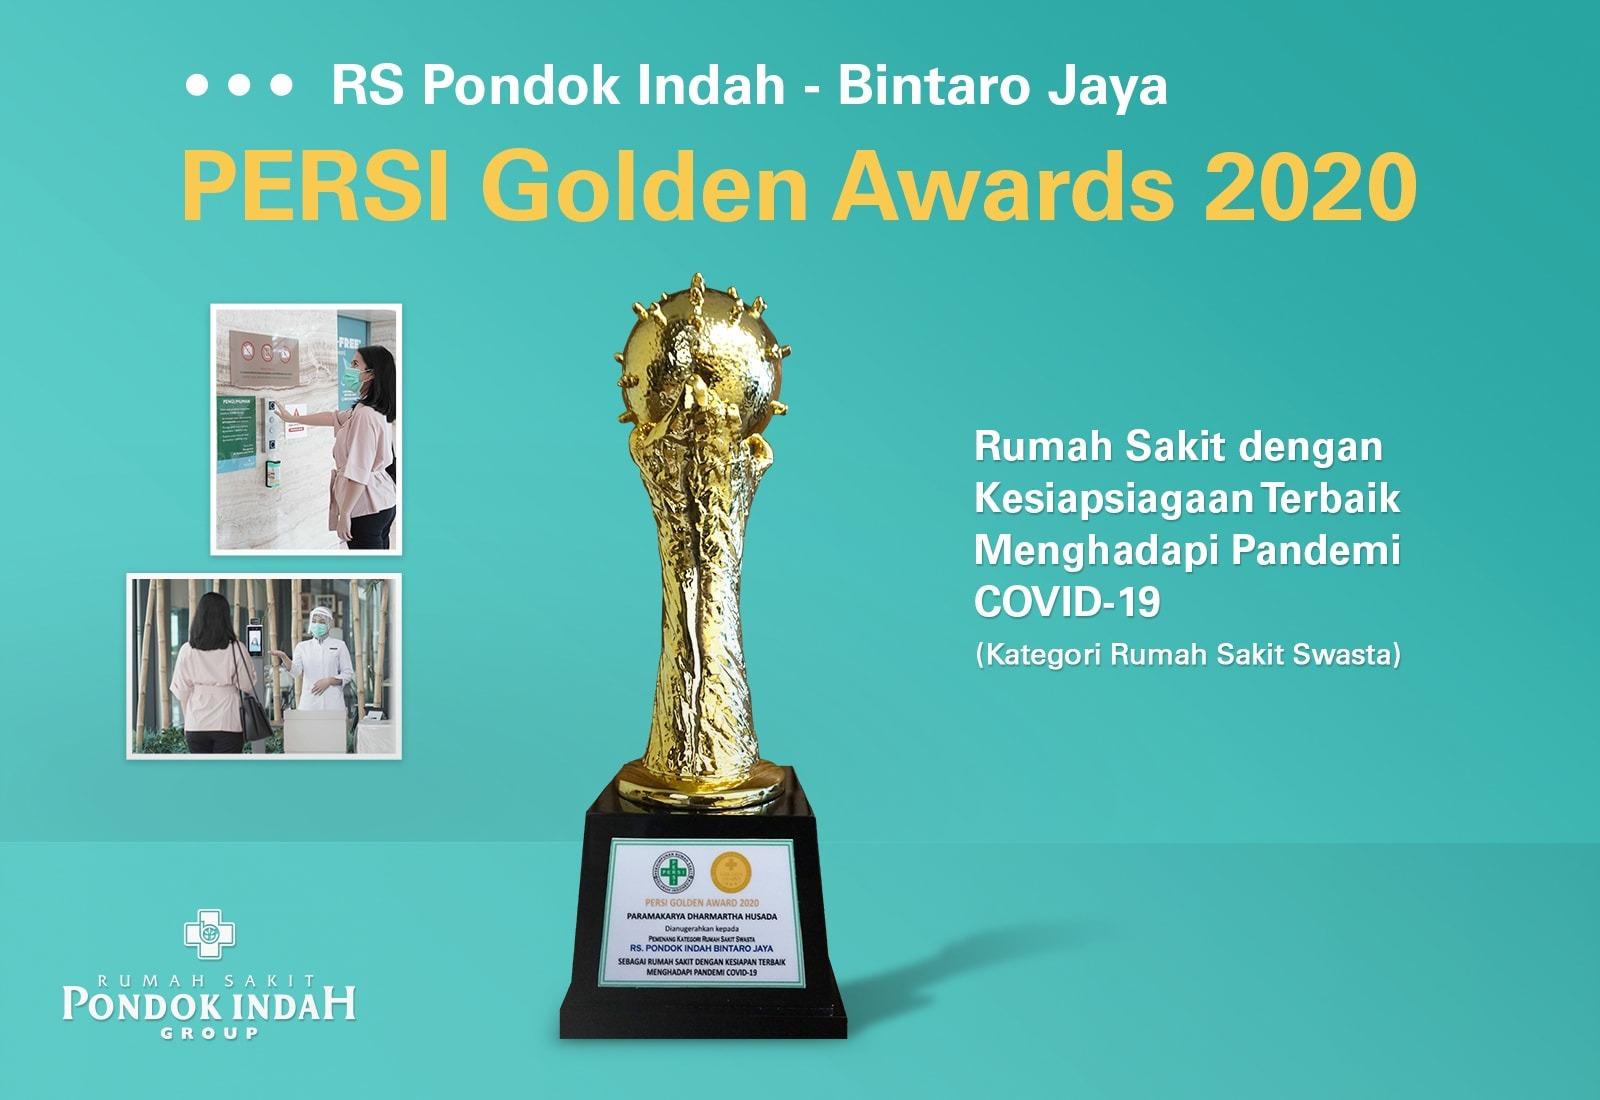 RS Pondok Indah - Bintaro Jaya Wins PERSI Golden Award 2020 for COVID-19 Quick Response